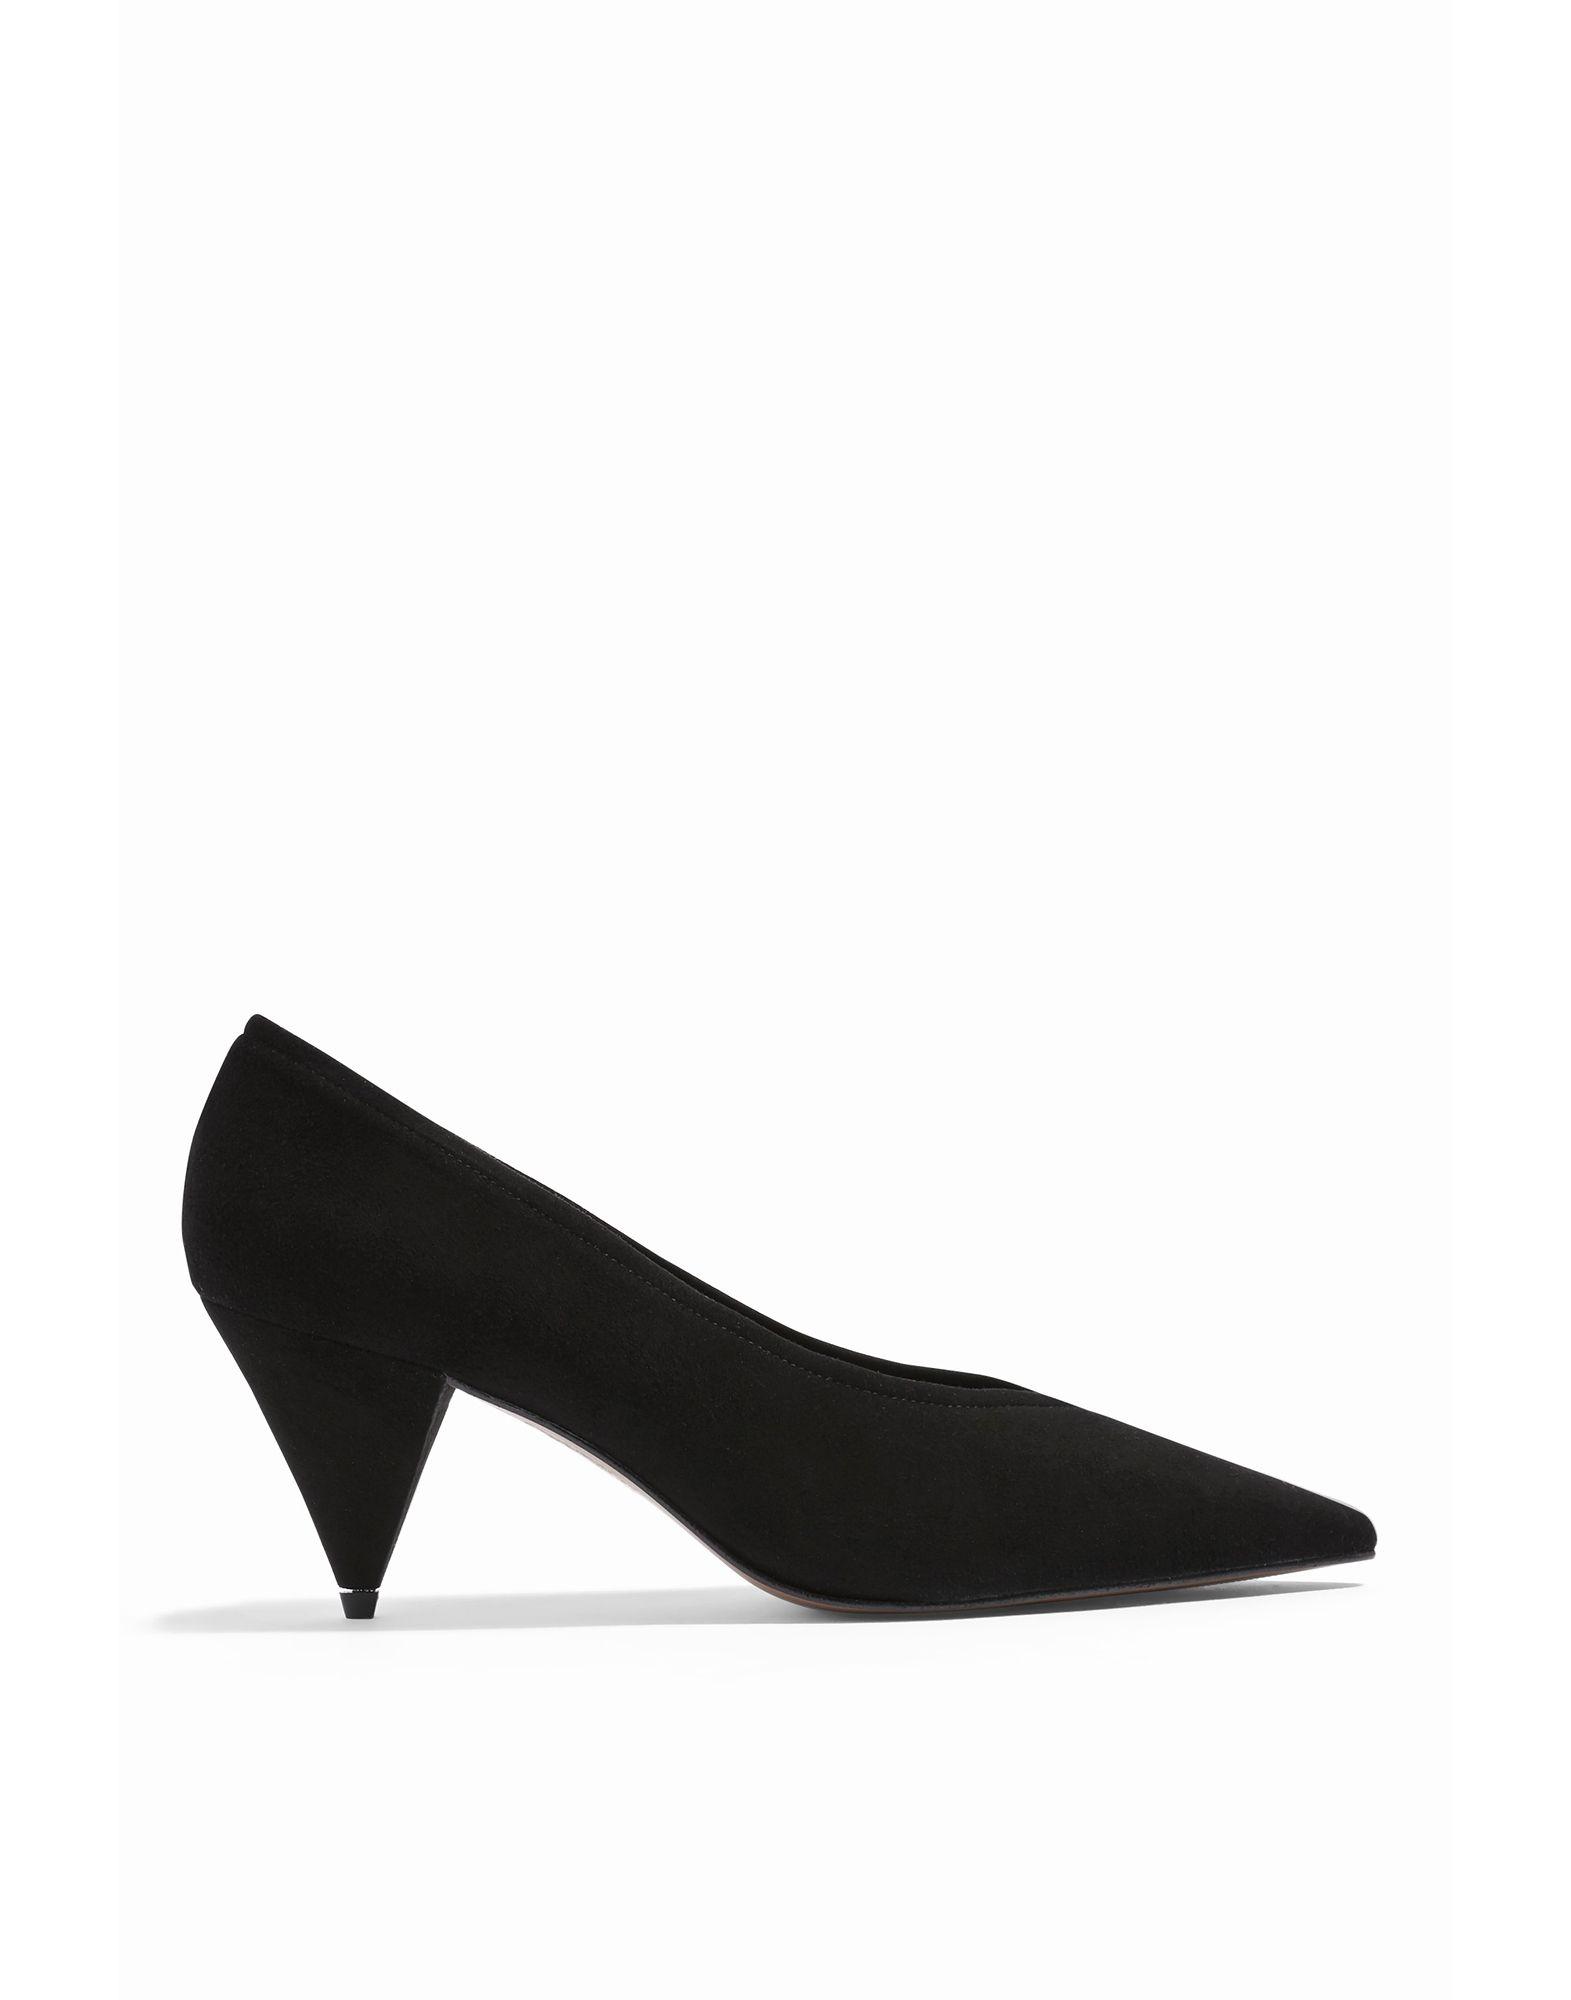 Escarpins Topshop Jeri Court chaussures - Femme - Escarpins Topshop   - 11667808WD